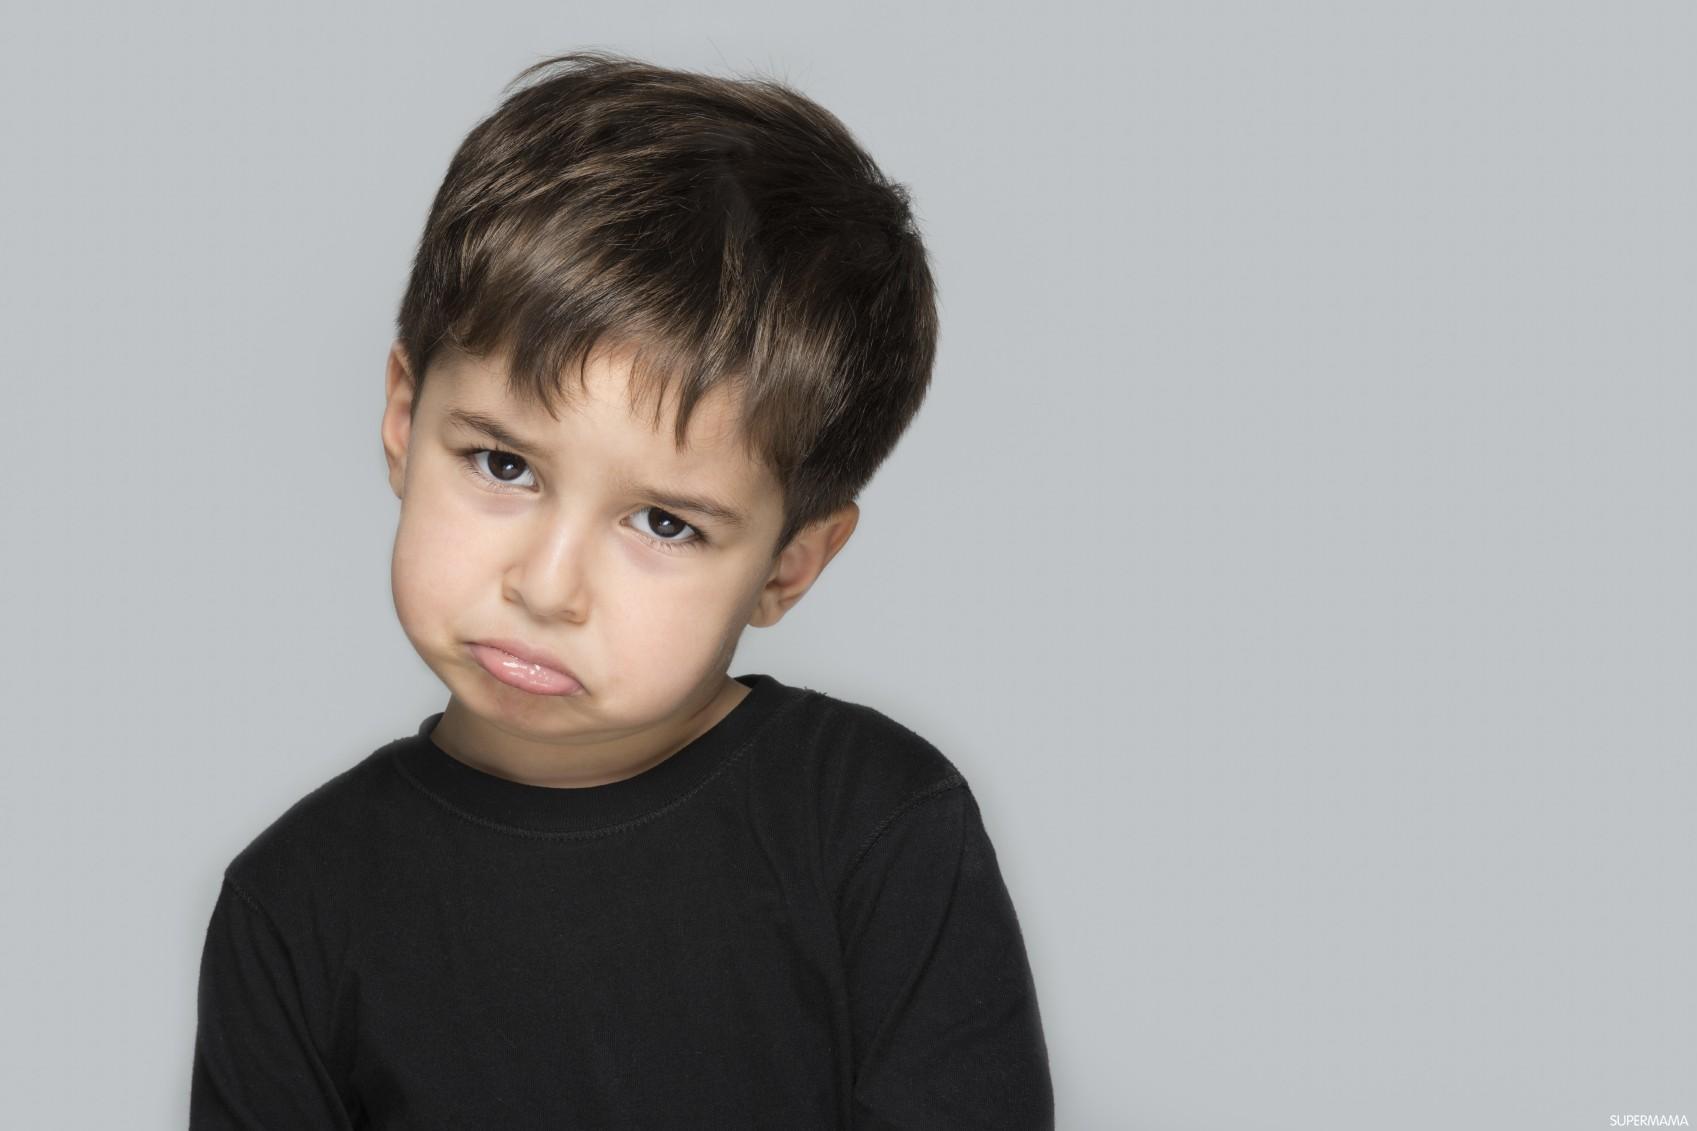 Photo of كيفية الحصول علي كسب طاعة الطفل